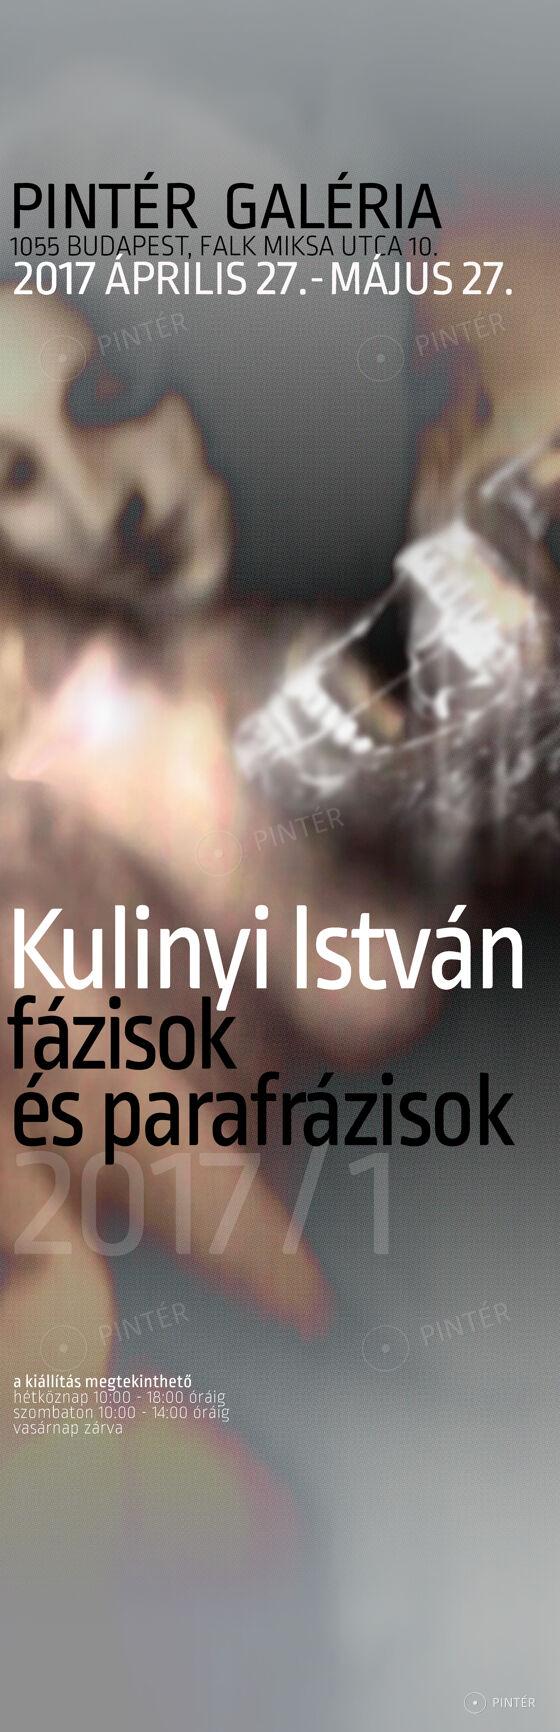 KULINYI ISTVÁN KIÁLLÍTÁSA ÁPRILIS 27-TŐL!